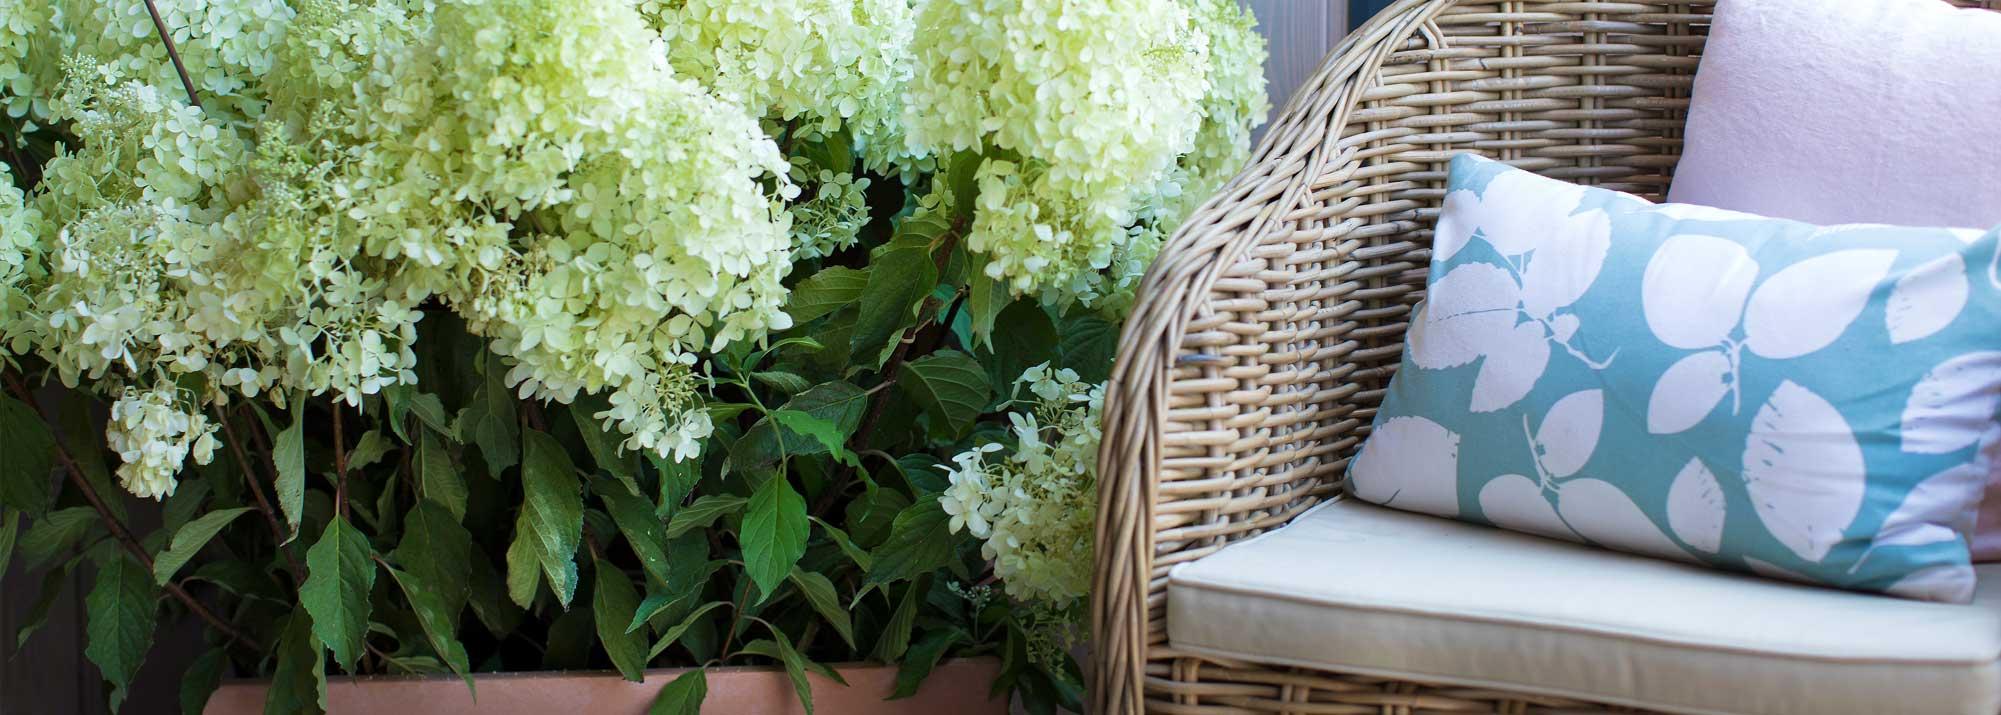 Bancs et fauteuils de jardin